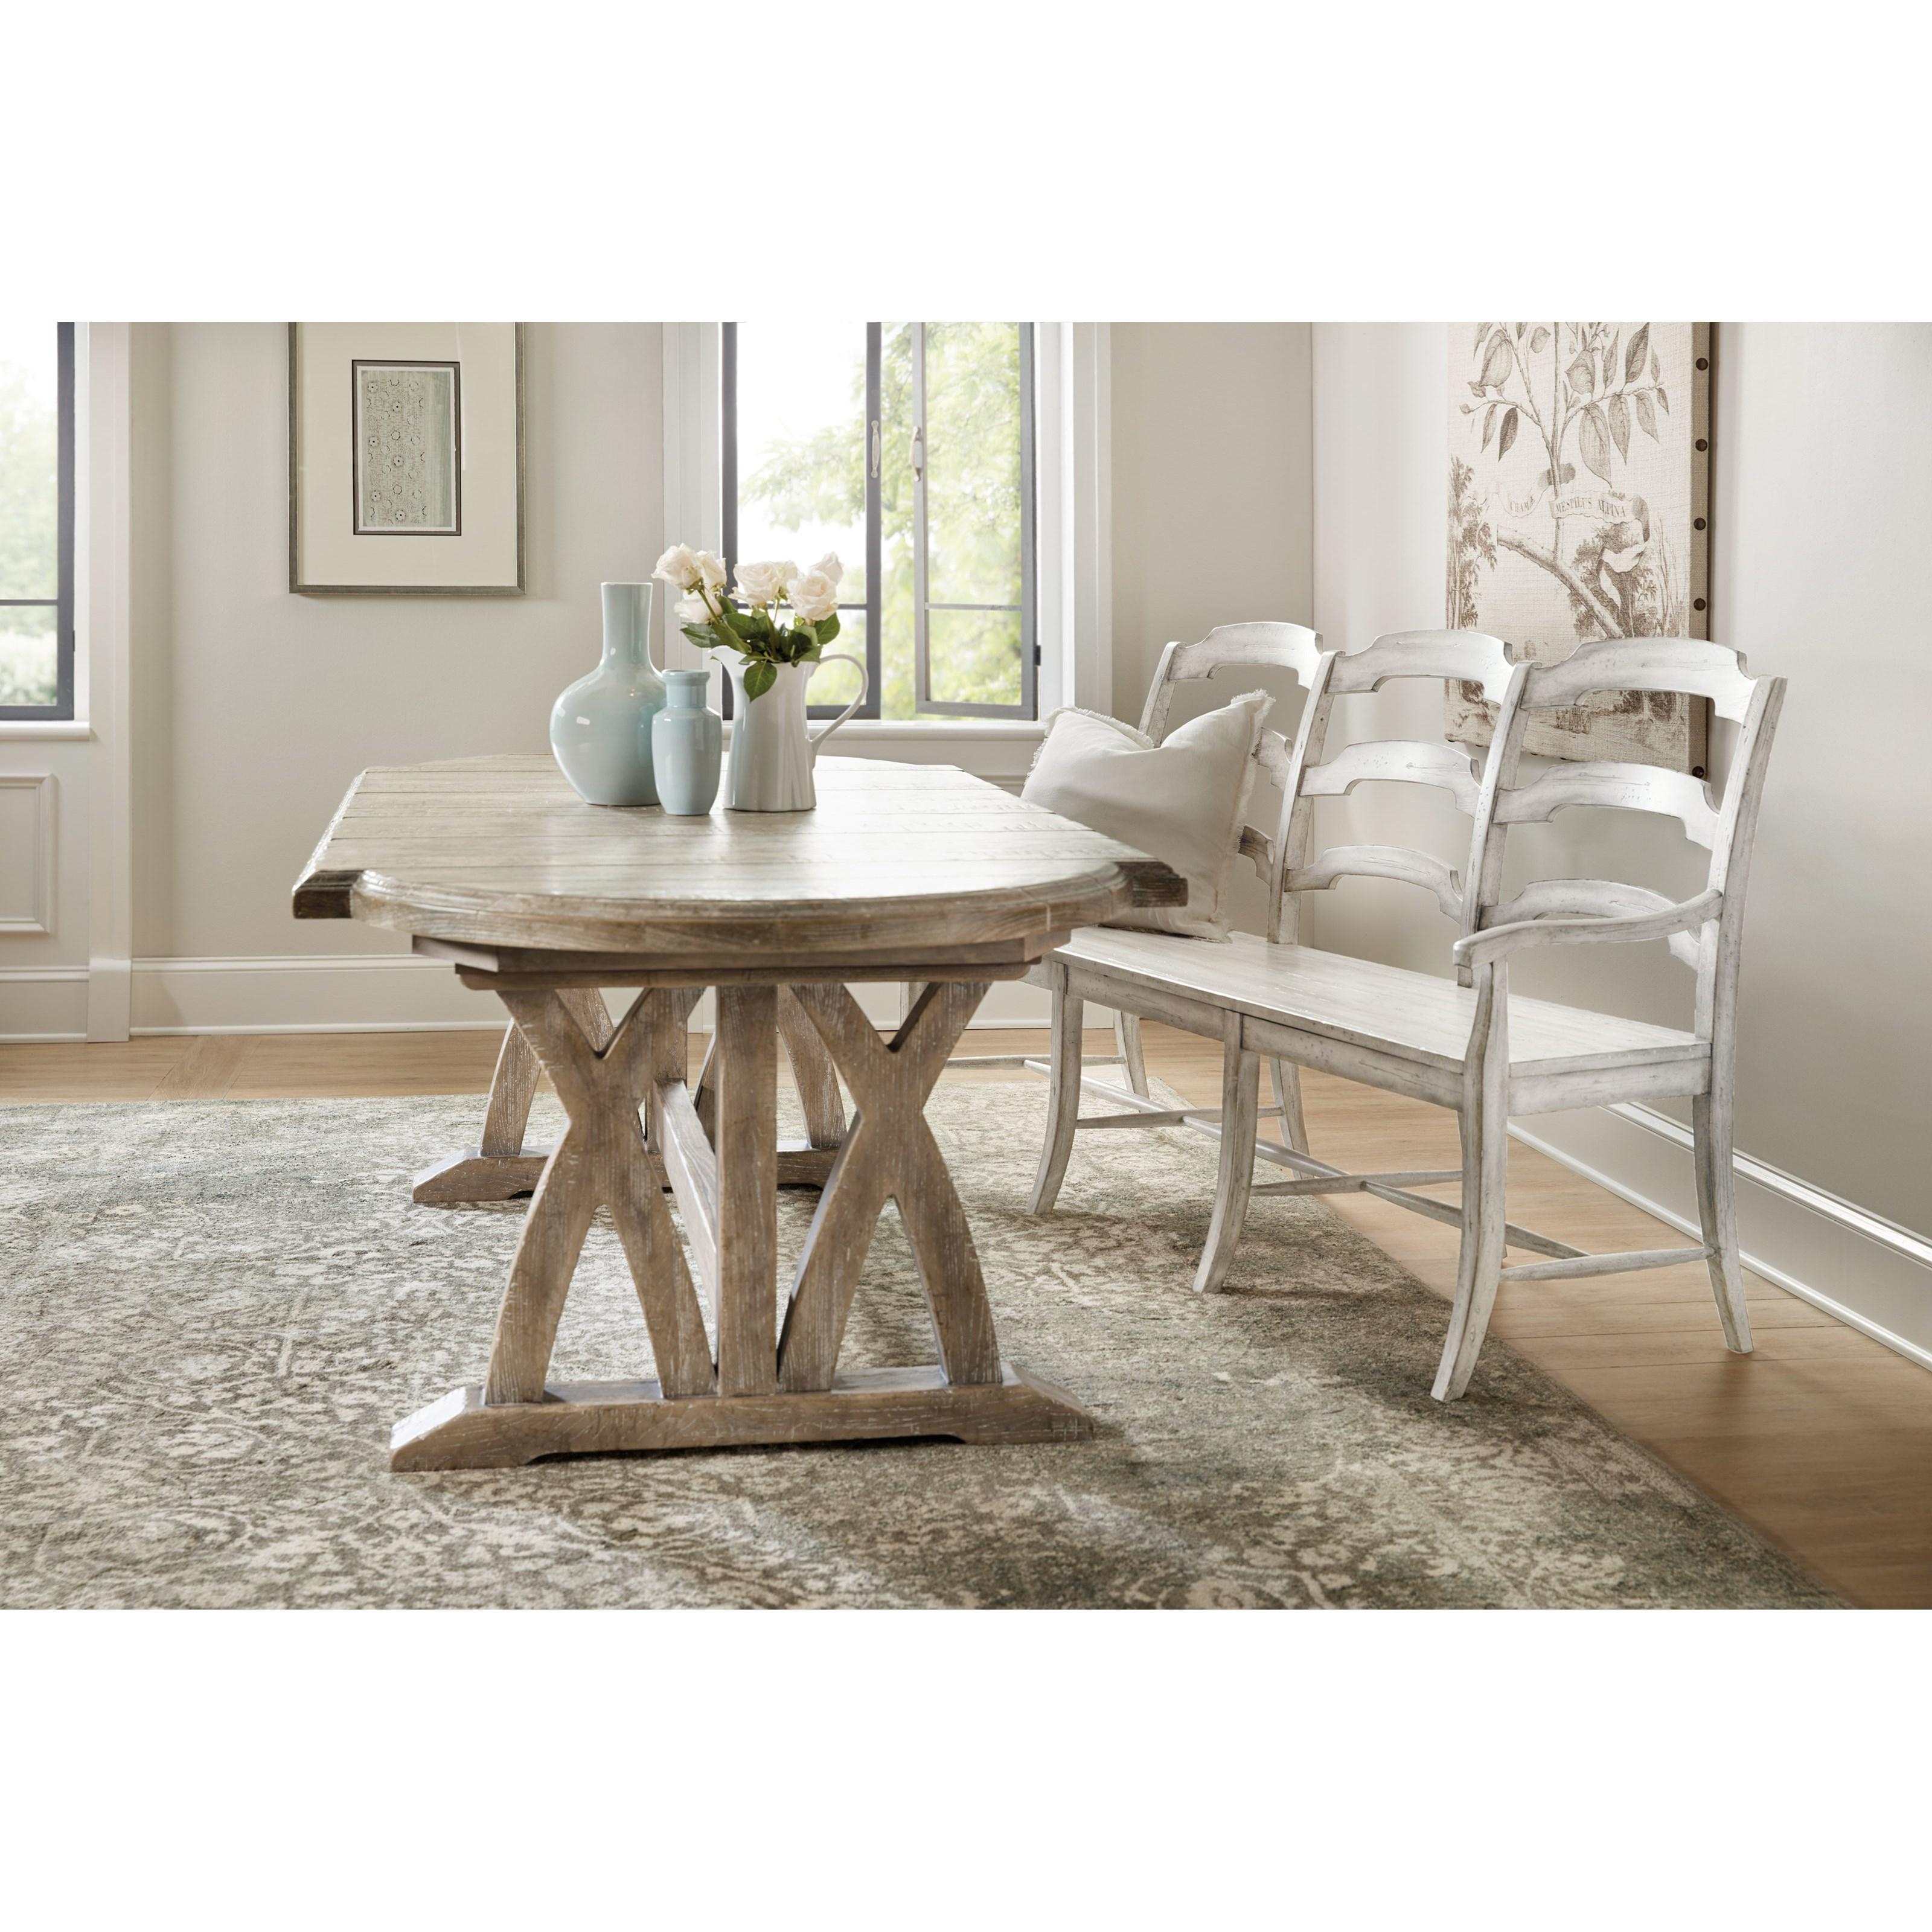 hooker furniture boheme 5750 75315 ltwd du monde ladderback dining bench baer 39 s furniture. Black Bedroom Furniture Sets. Home Design Ideas